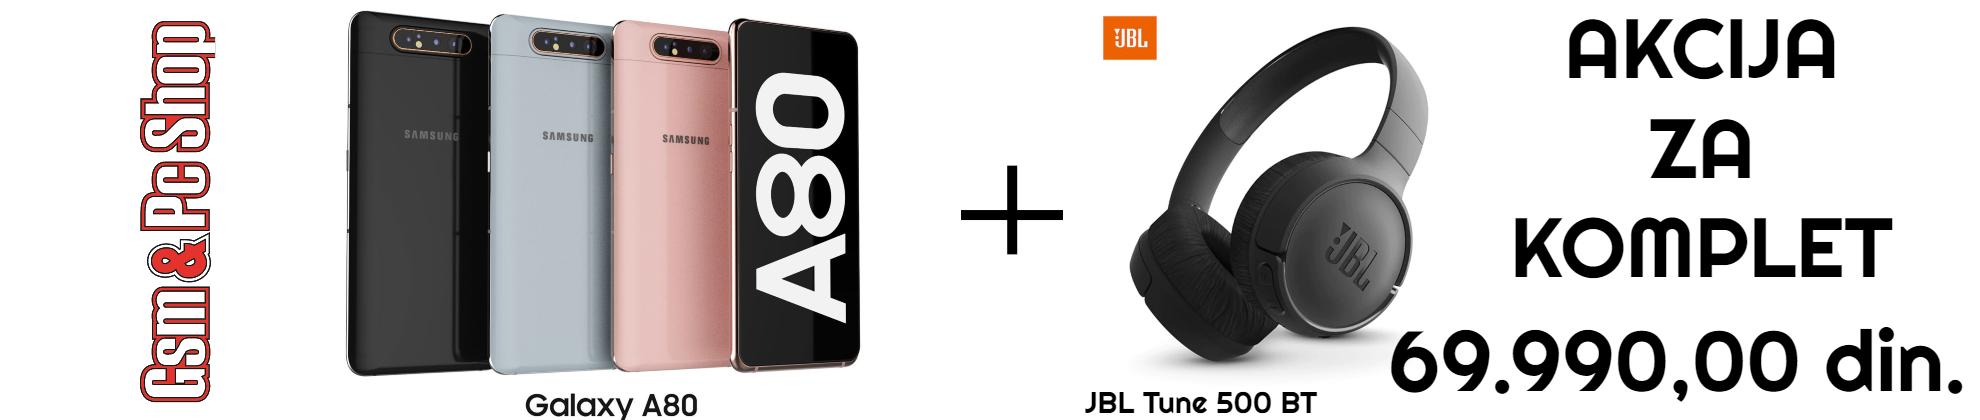 samsung a80 + jbl